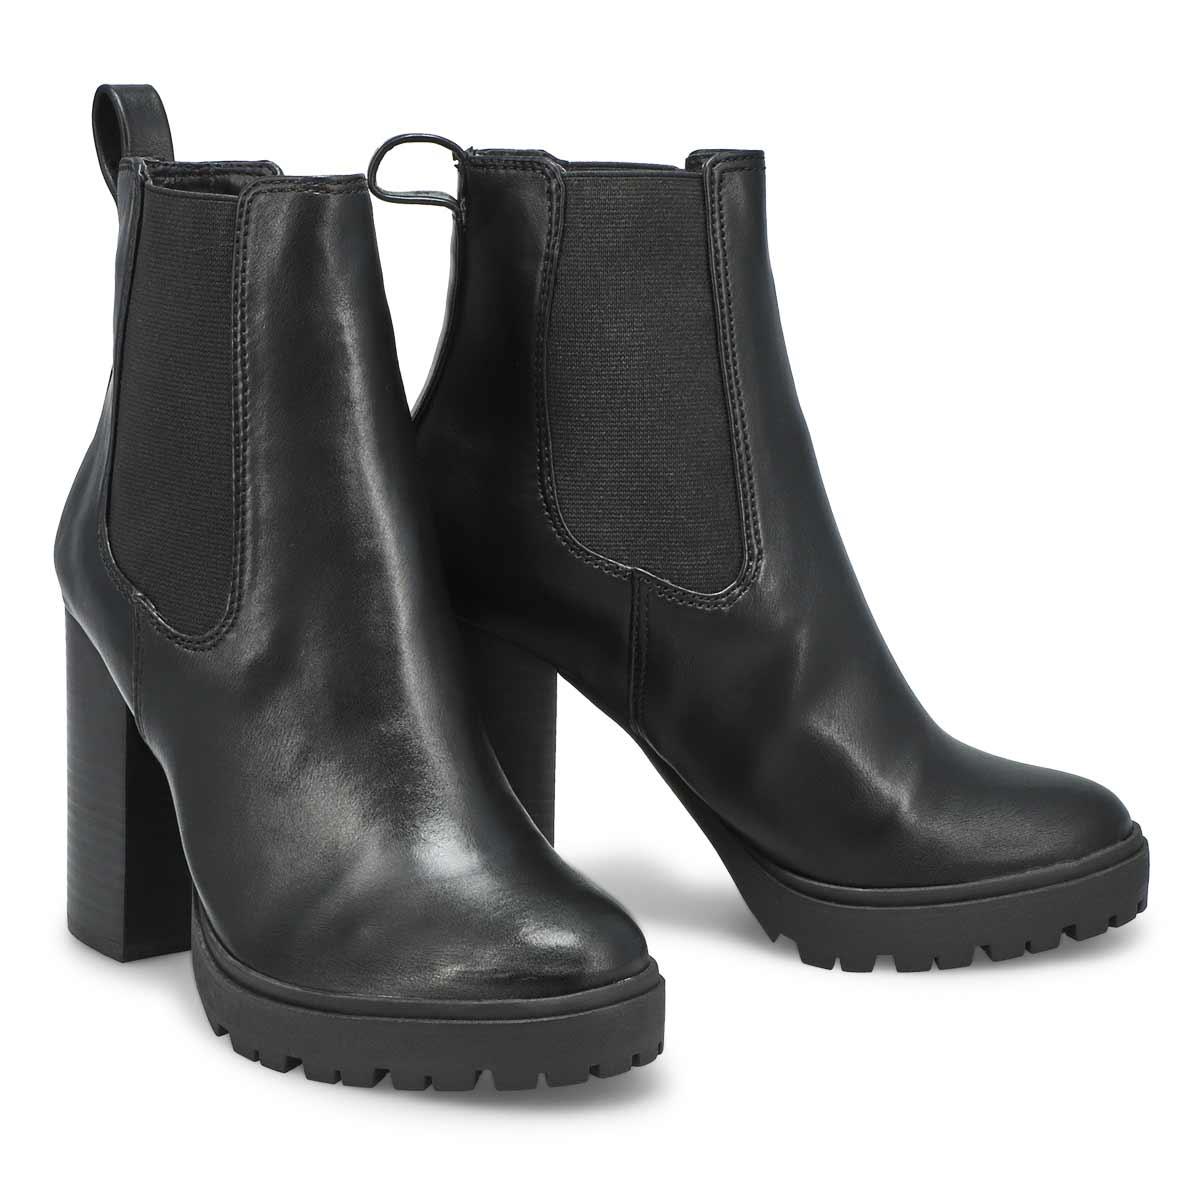 Steve-Madden-Women-039-s-Loopy-Slip-On-chelsea-Boot miniature 8